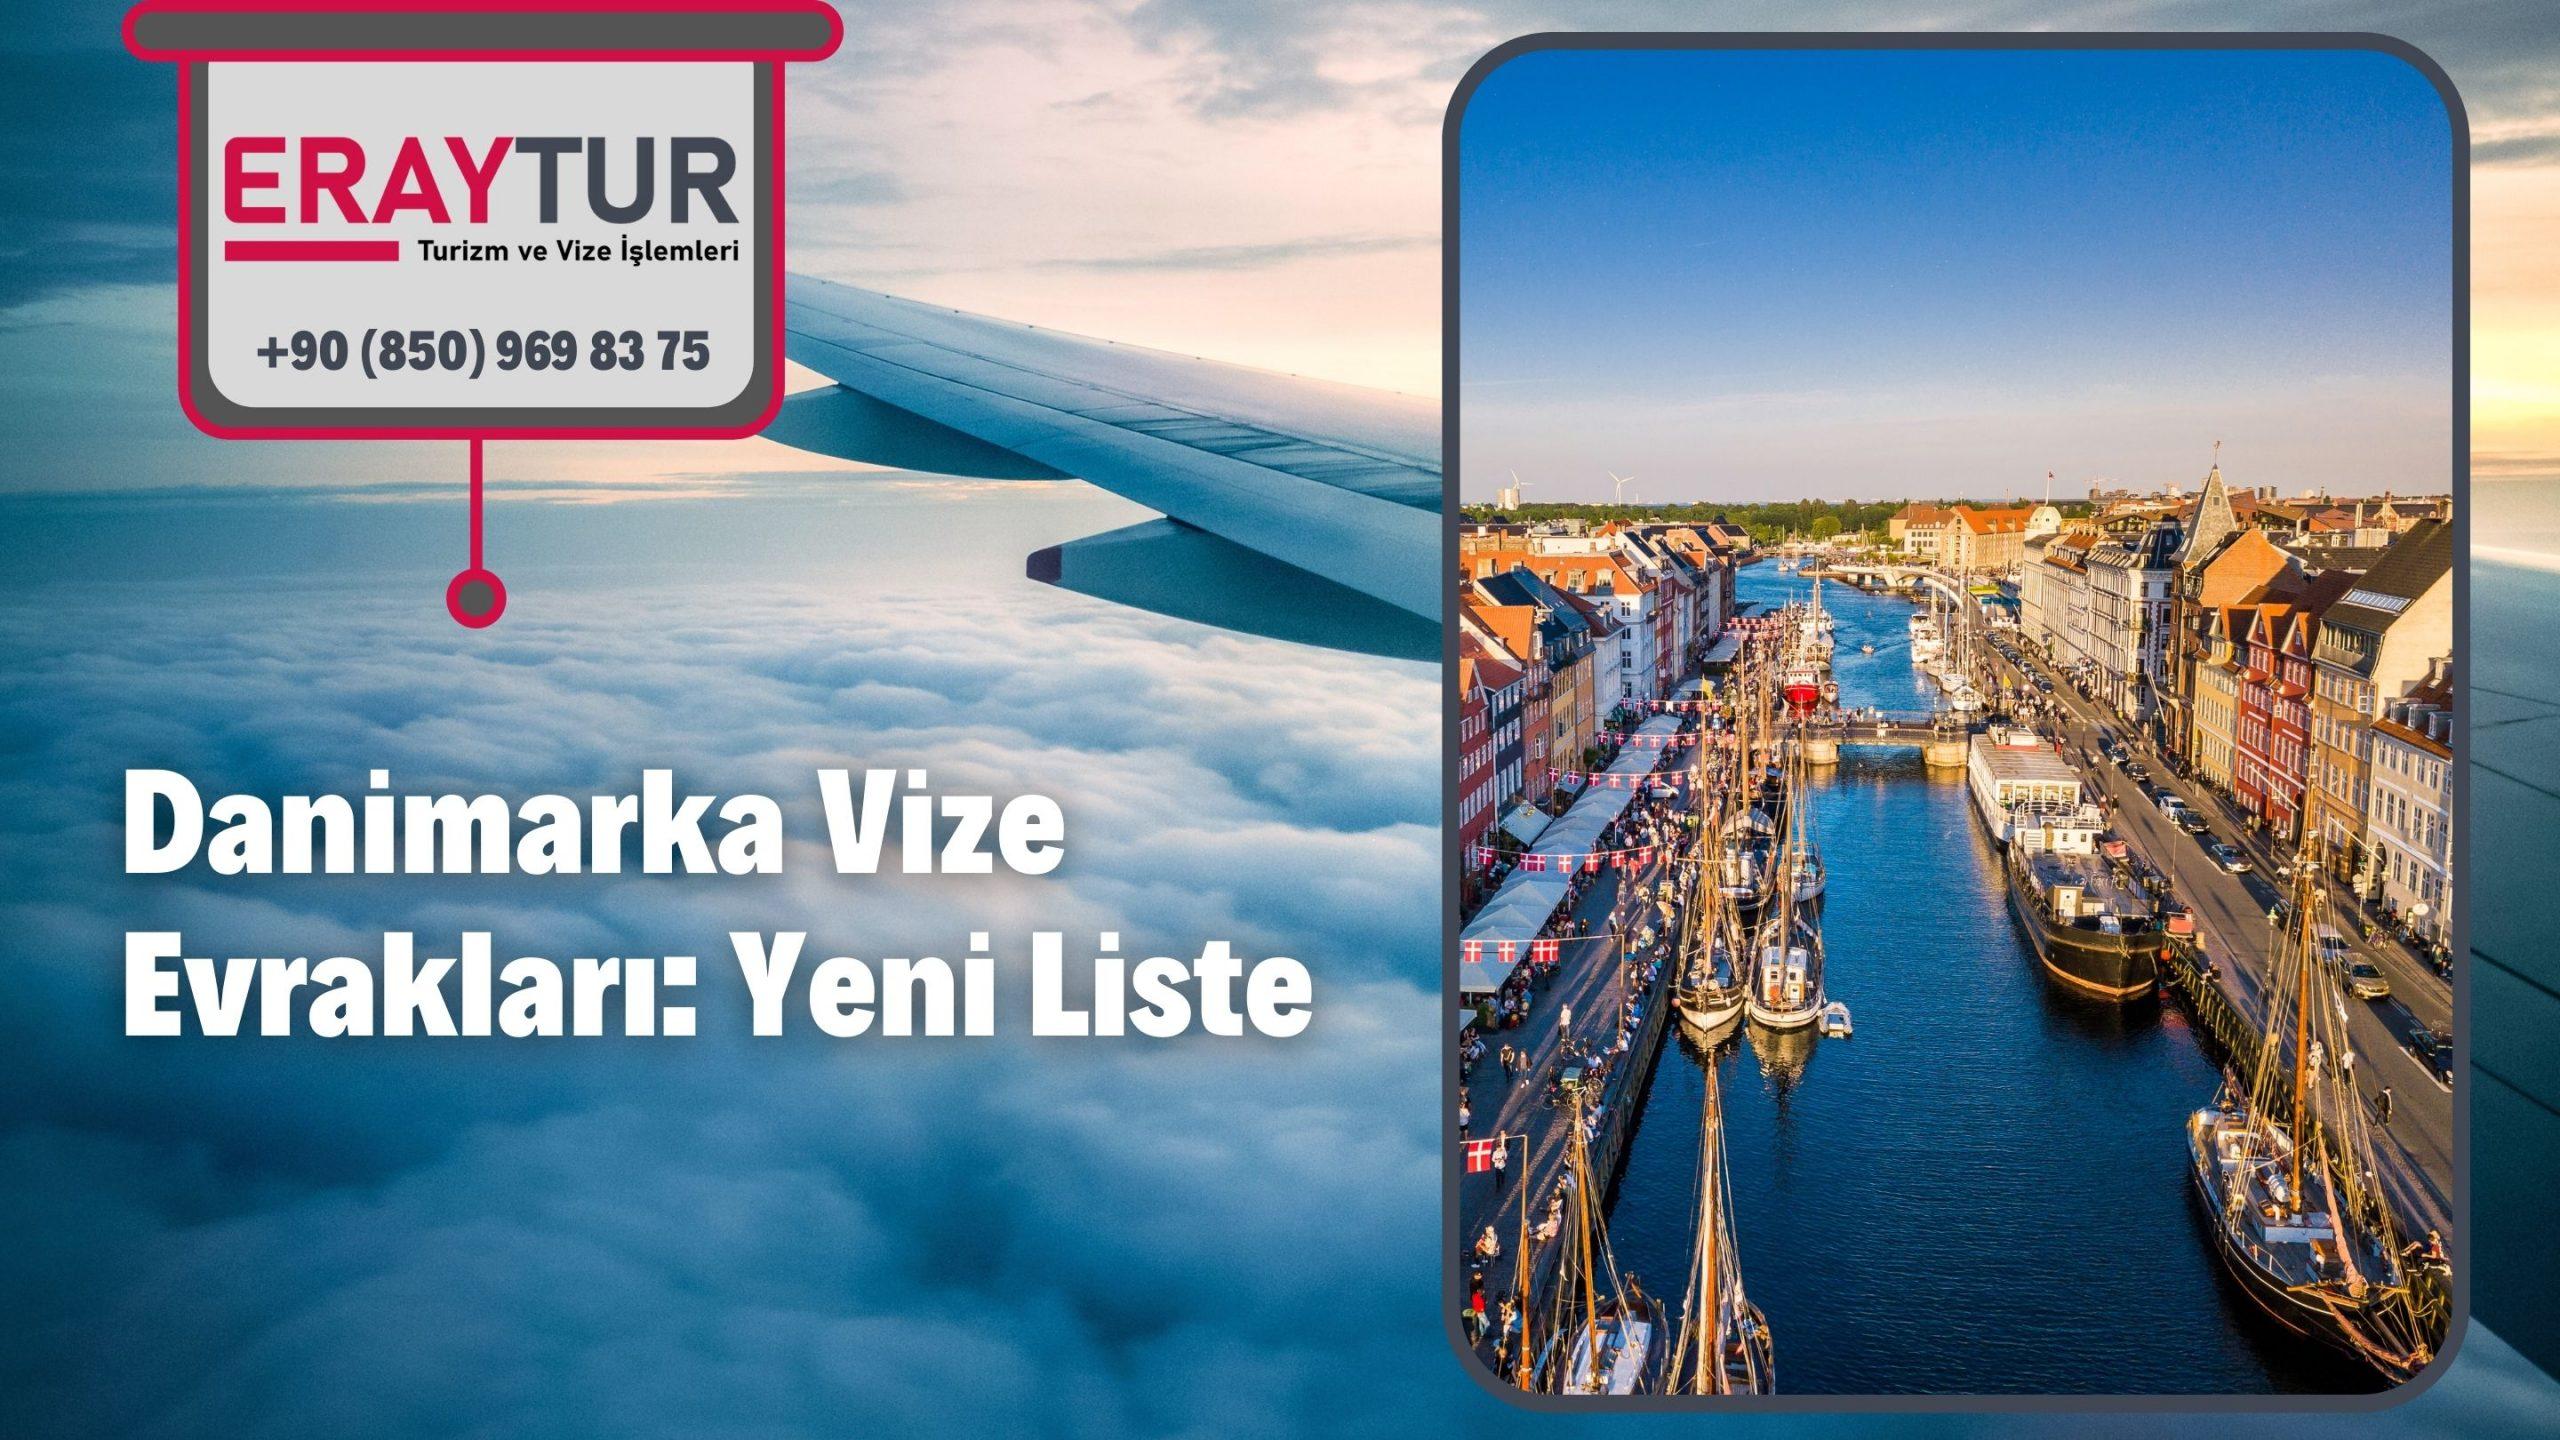 Danimarka Vize Evrakları Yeni Liste [2021]